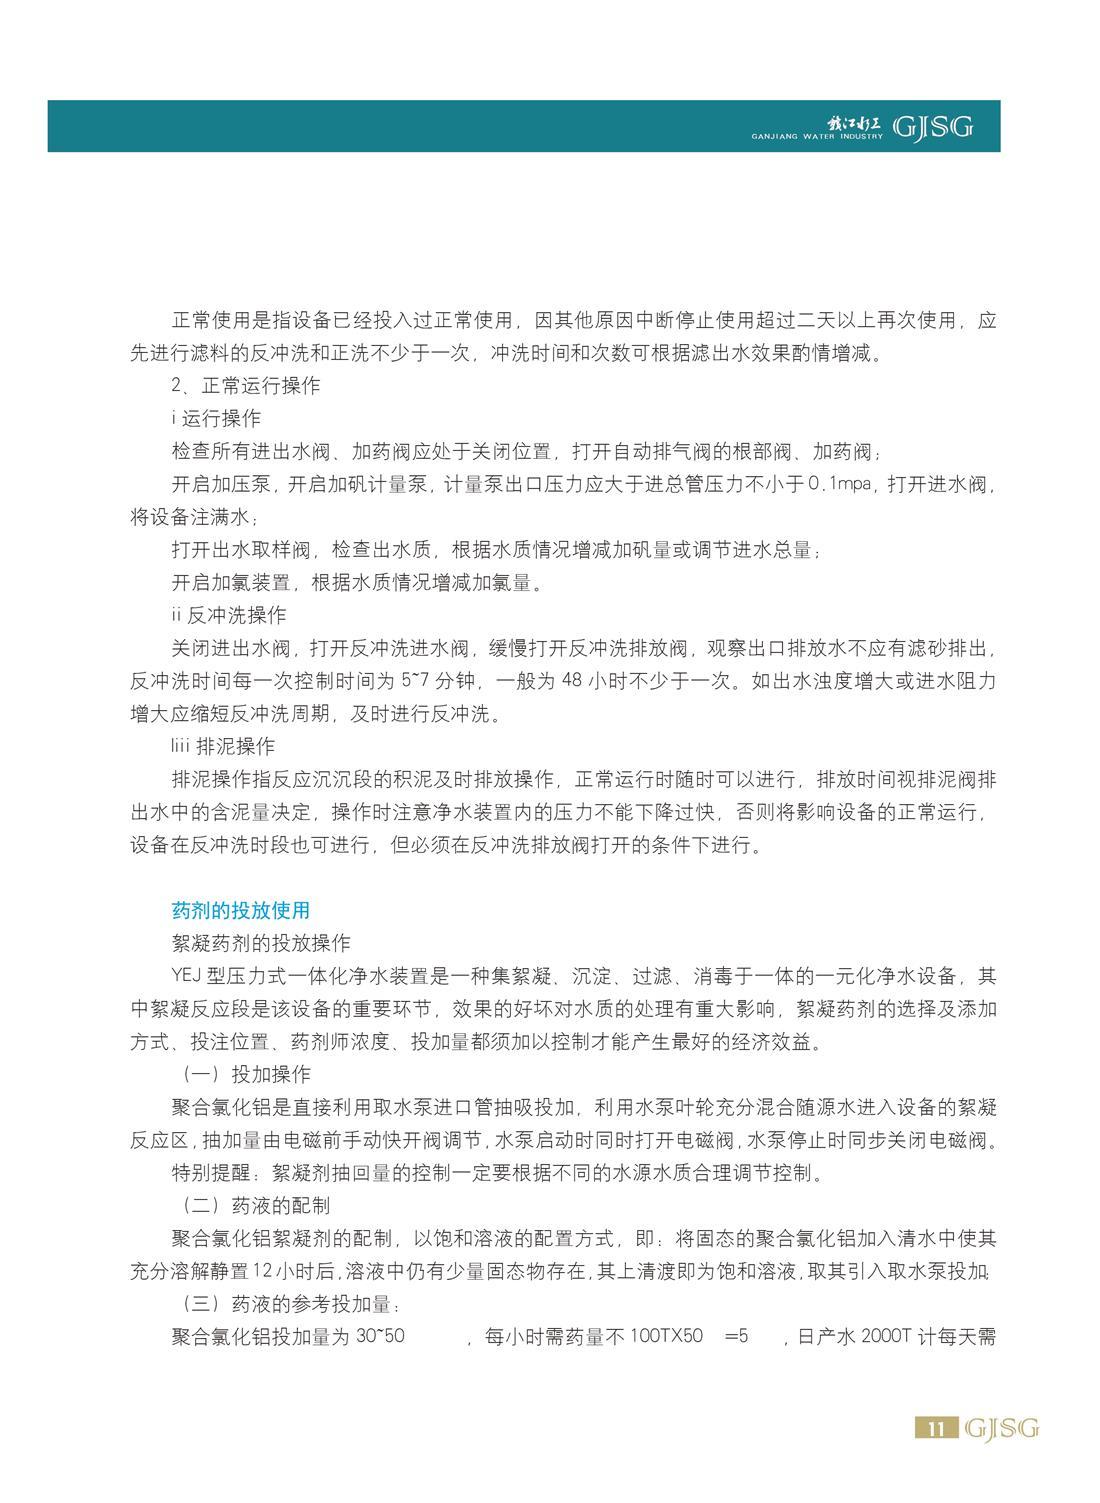 17_看图王(1).jpg